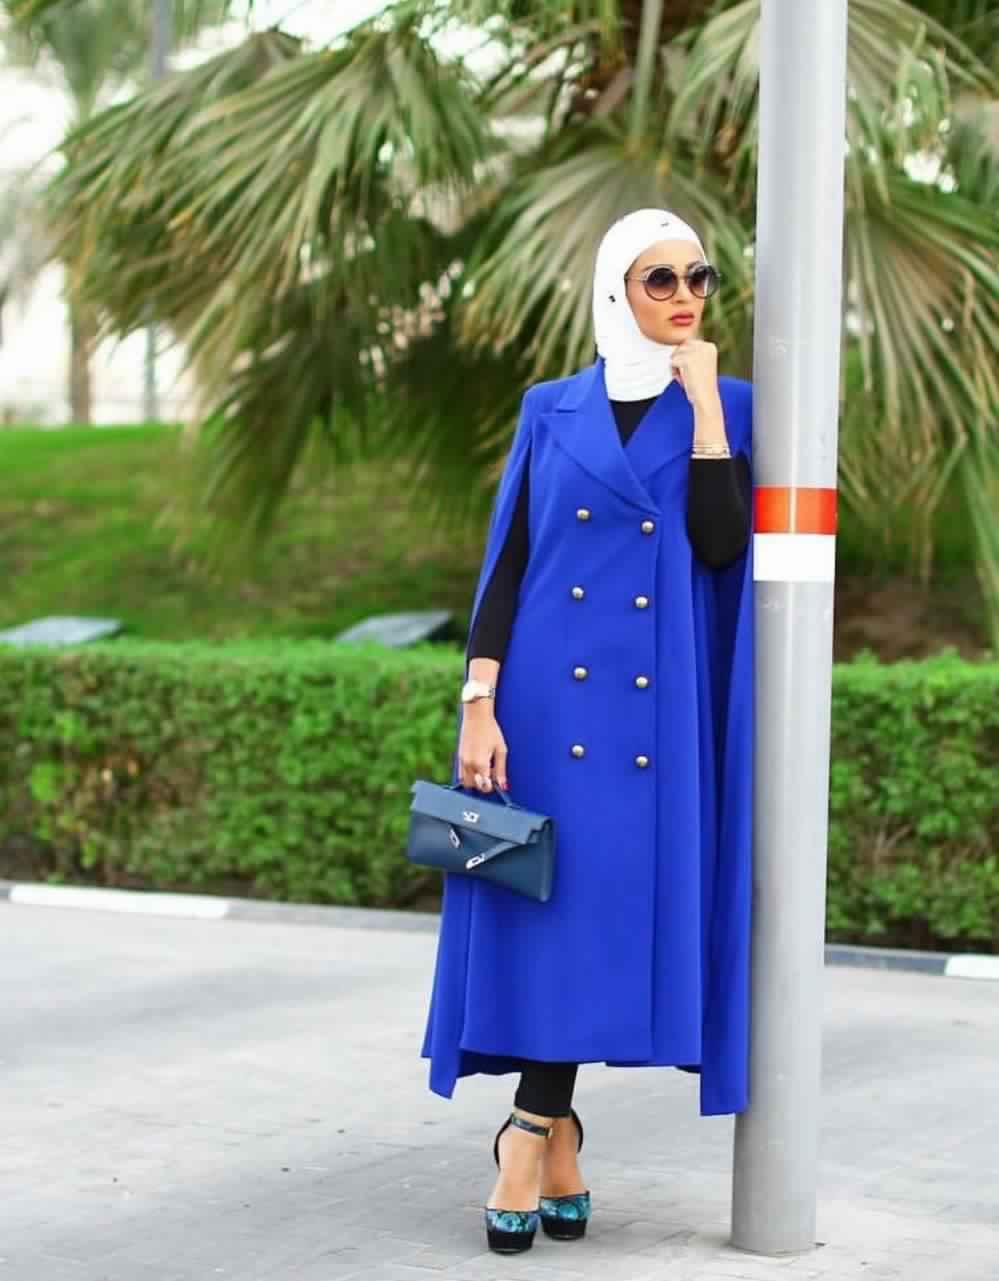 comment-bien-porter-le-manteau-avec-le-hijab-en-hiver5